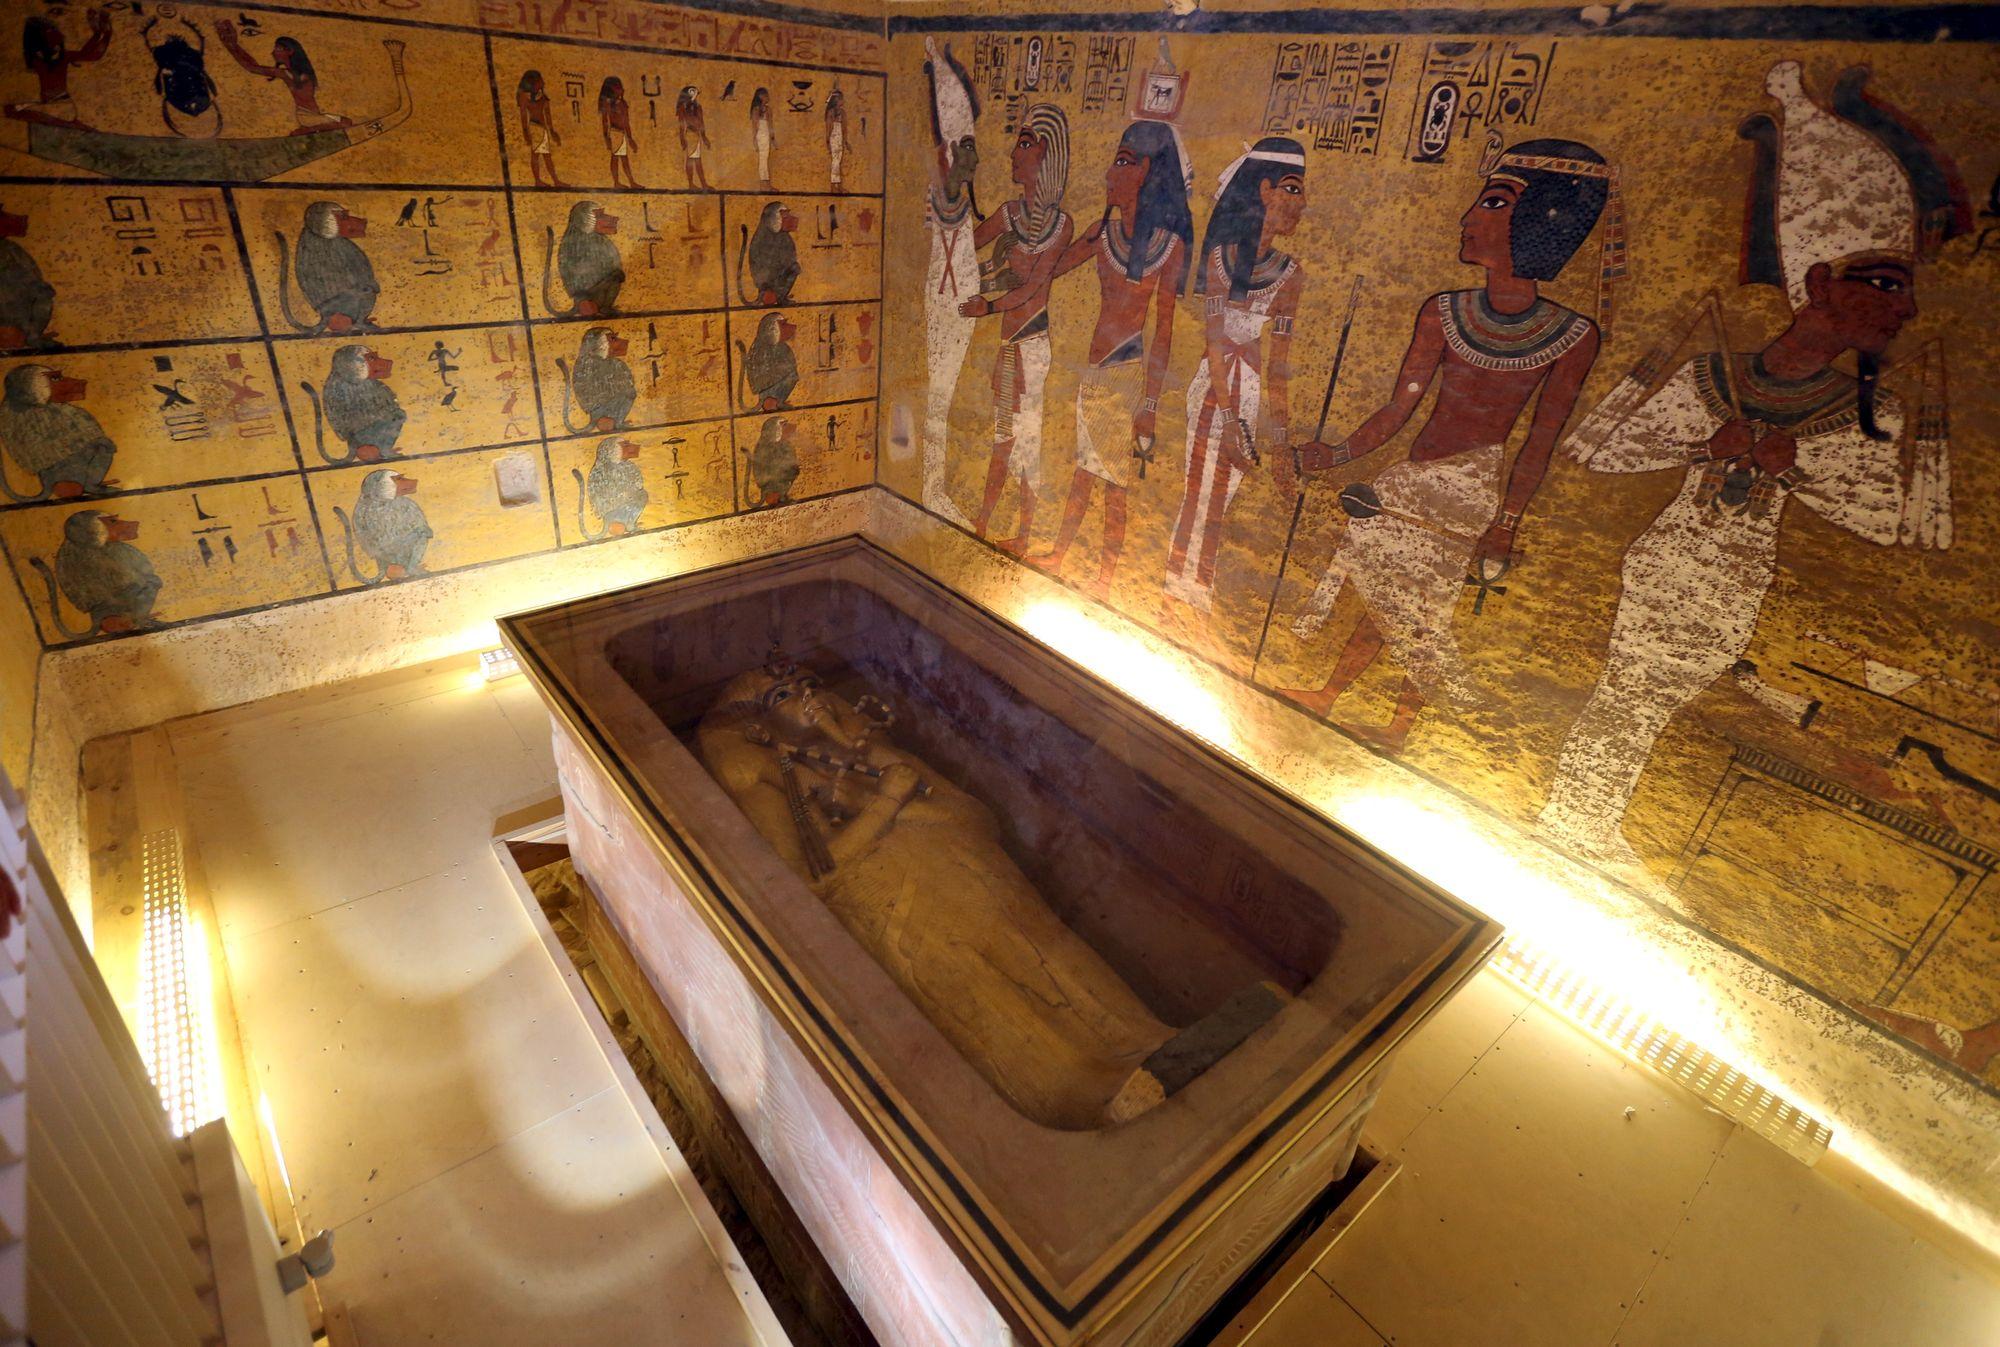 Les chambres cachées dans la tombe de Toutankhamon sont